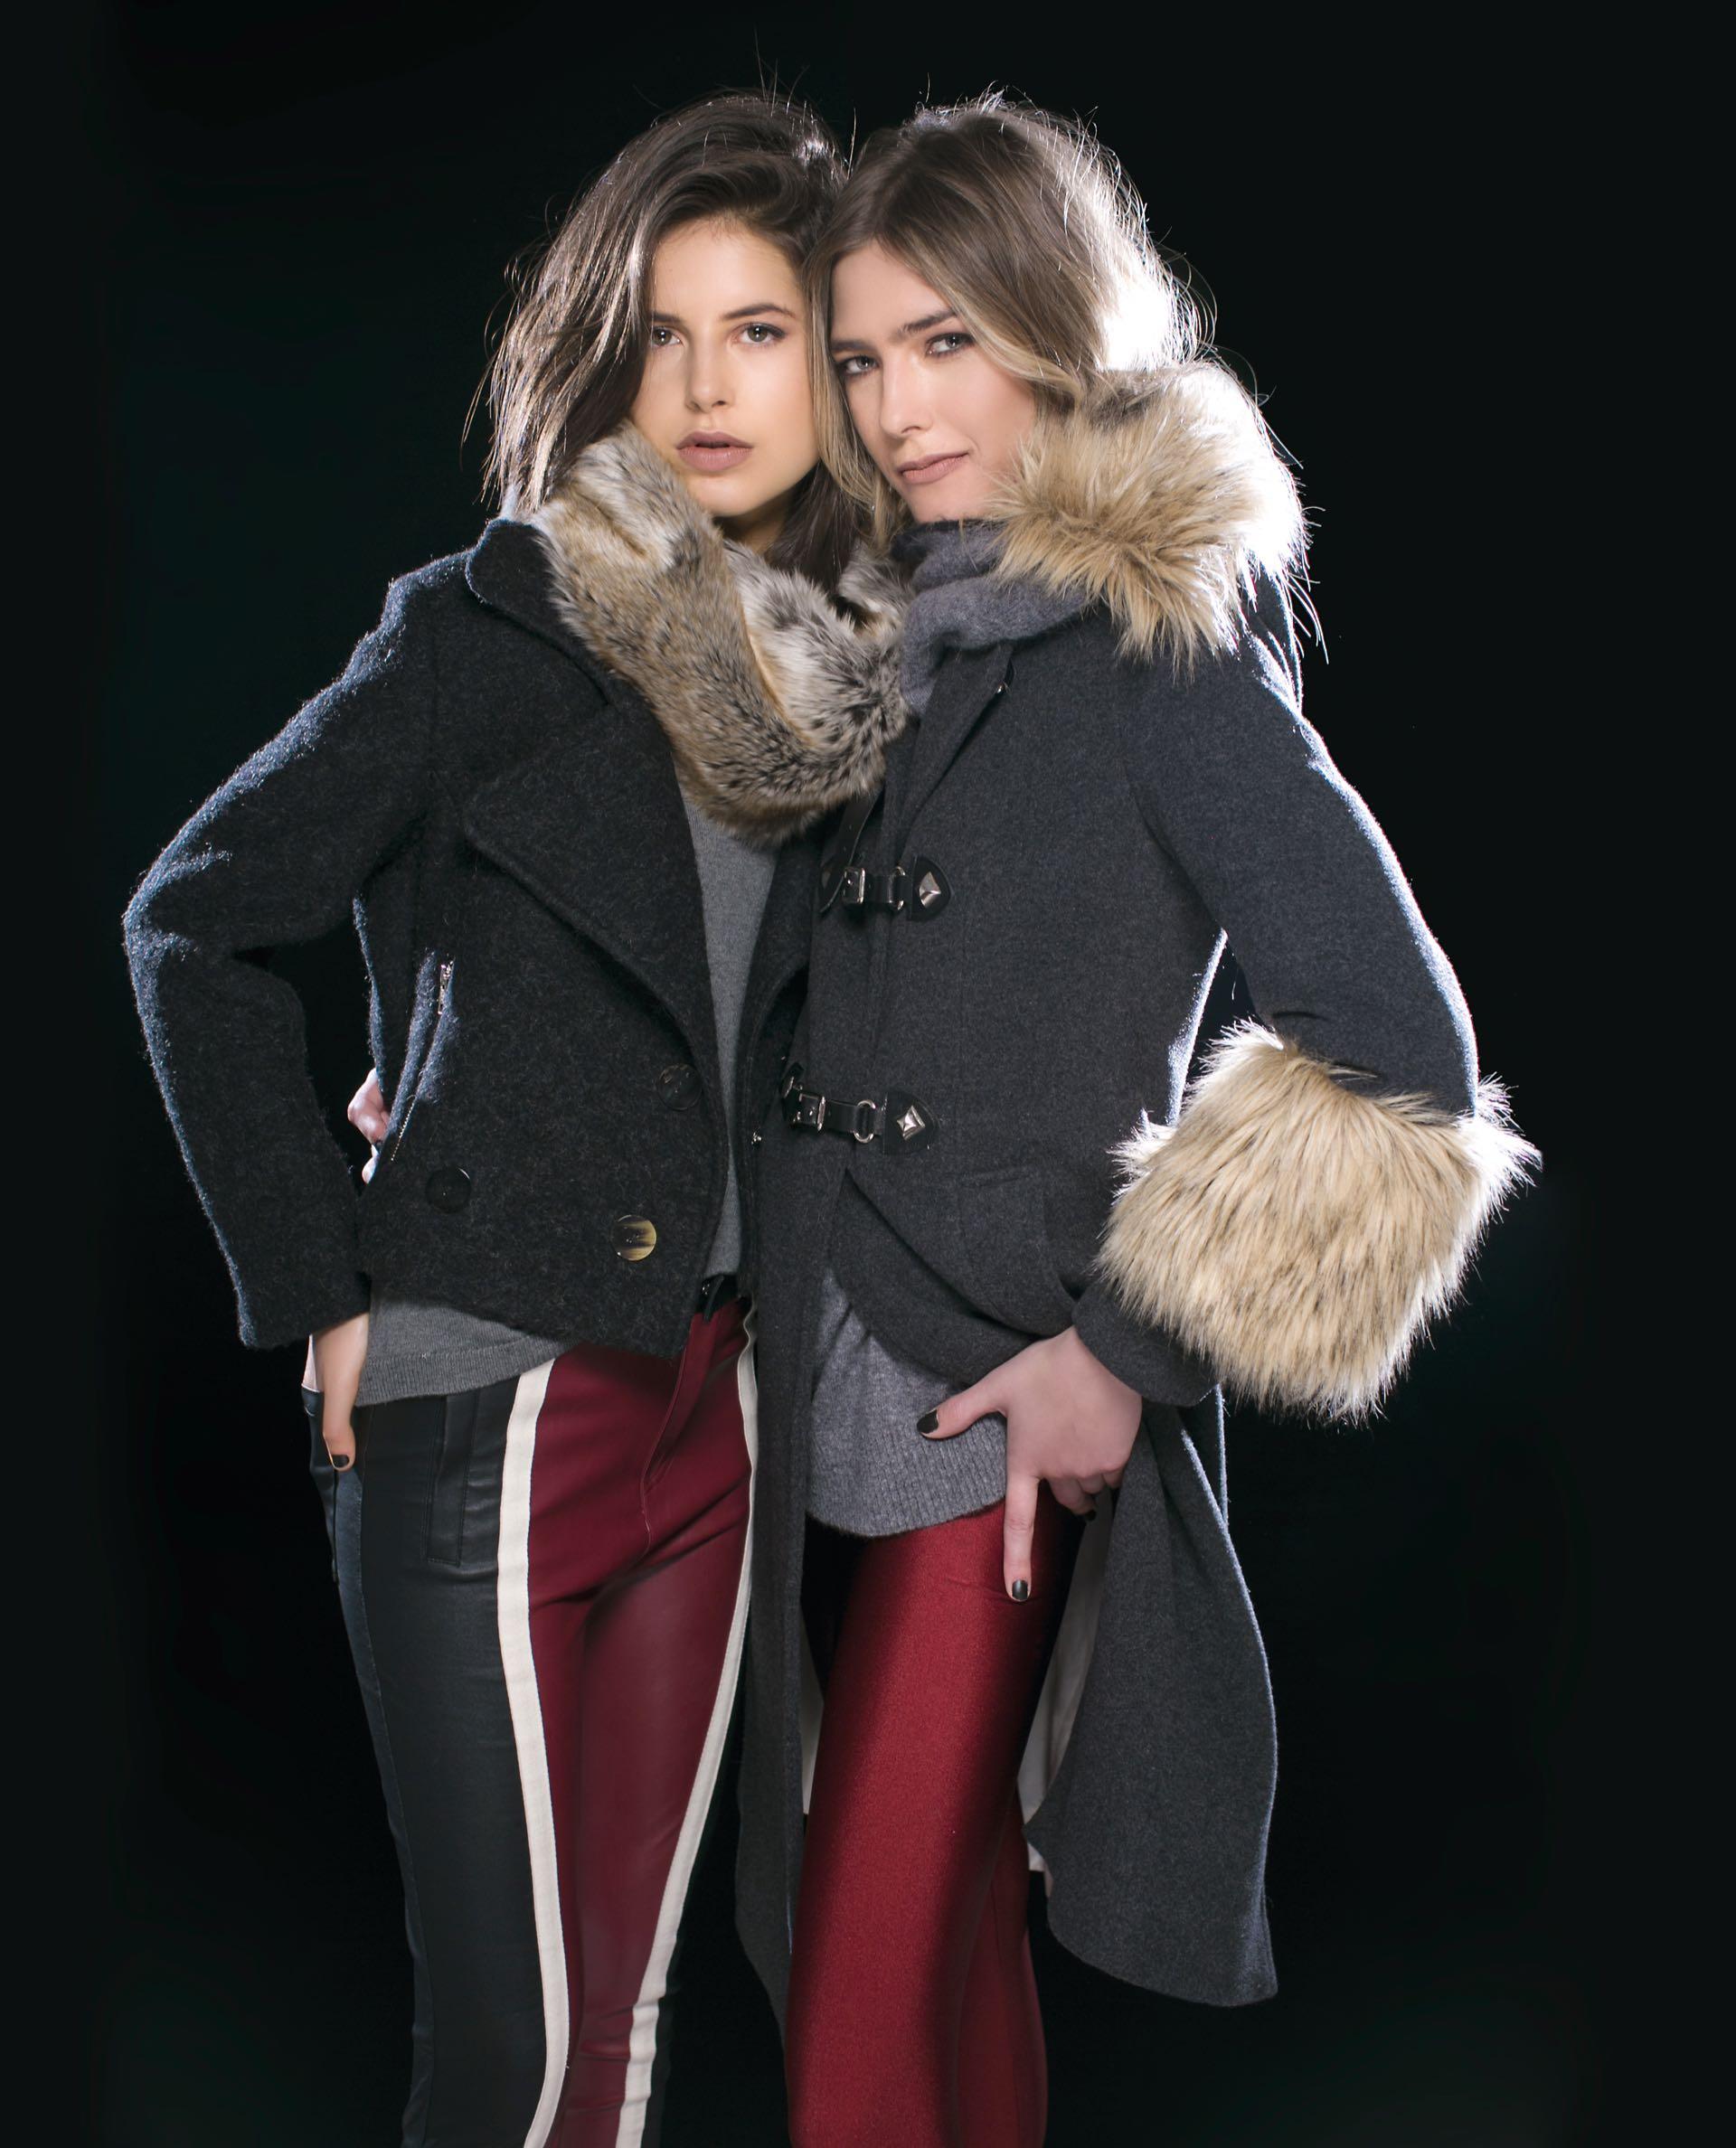 Gabi: chaqueta de bouclé y pantalón de cuero (antes $ 9.340, AHORA $ 7.480 y antes $ 2.560, AHORA $ 1.980, Mishka), suéter de lana con apliques de perlas (antes $ 2.700, AHORA $ 1.925, Wanama) y cuello de piel sintética (antes $ 2.800, AHORA $ 2.100, Vitamina). Milena: tapado de paño con cuello y puños de piel sintética (antes $ 9.800, AHORA $ 6.500, Uma) y suéter polera bicolor (antes $ 3.700, AHORA $ 2.300, Vitamina).